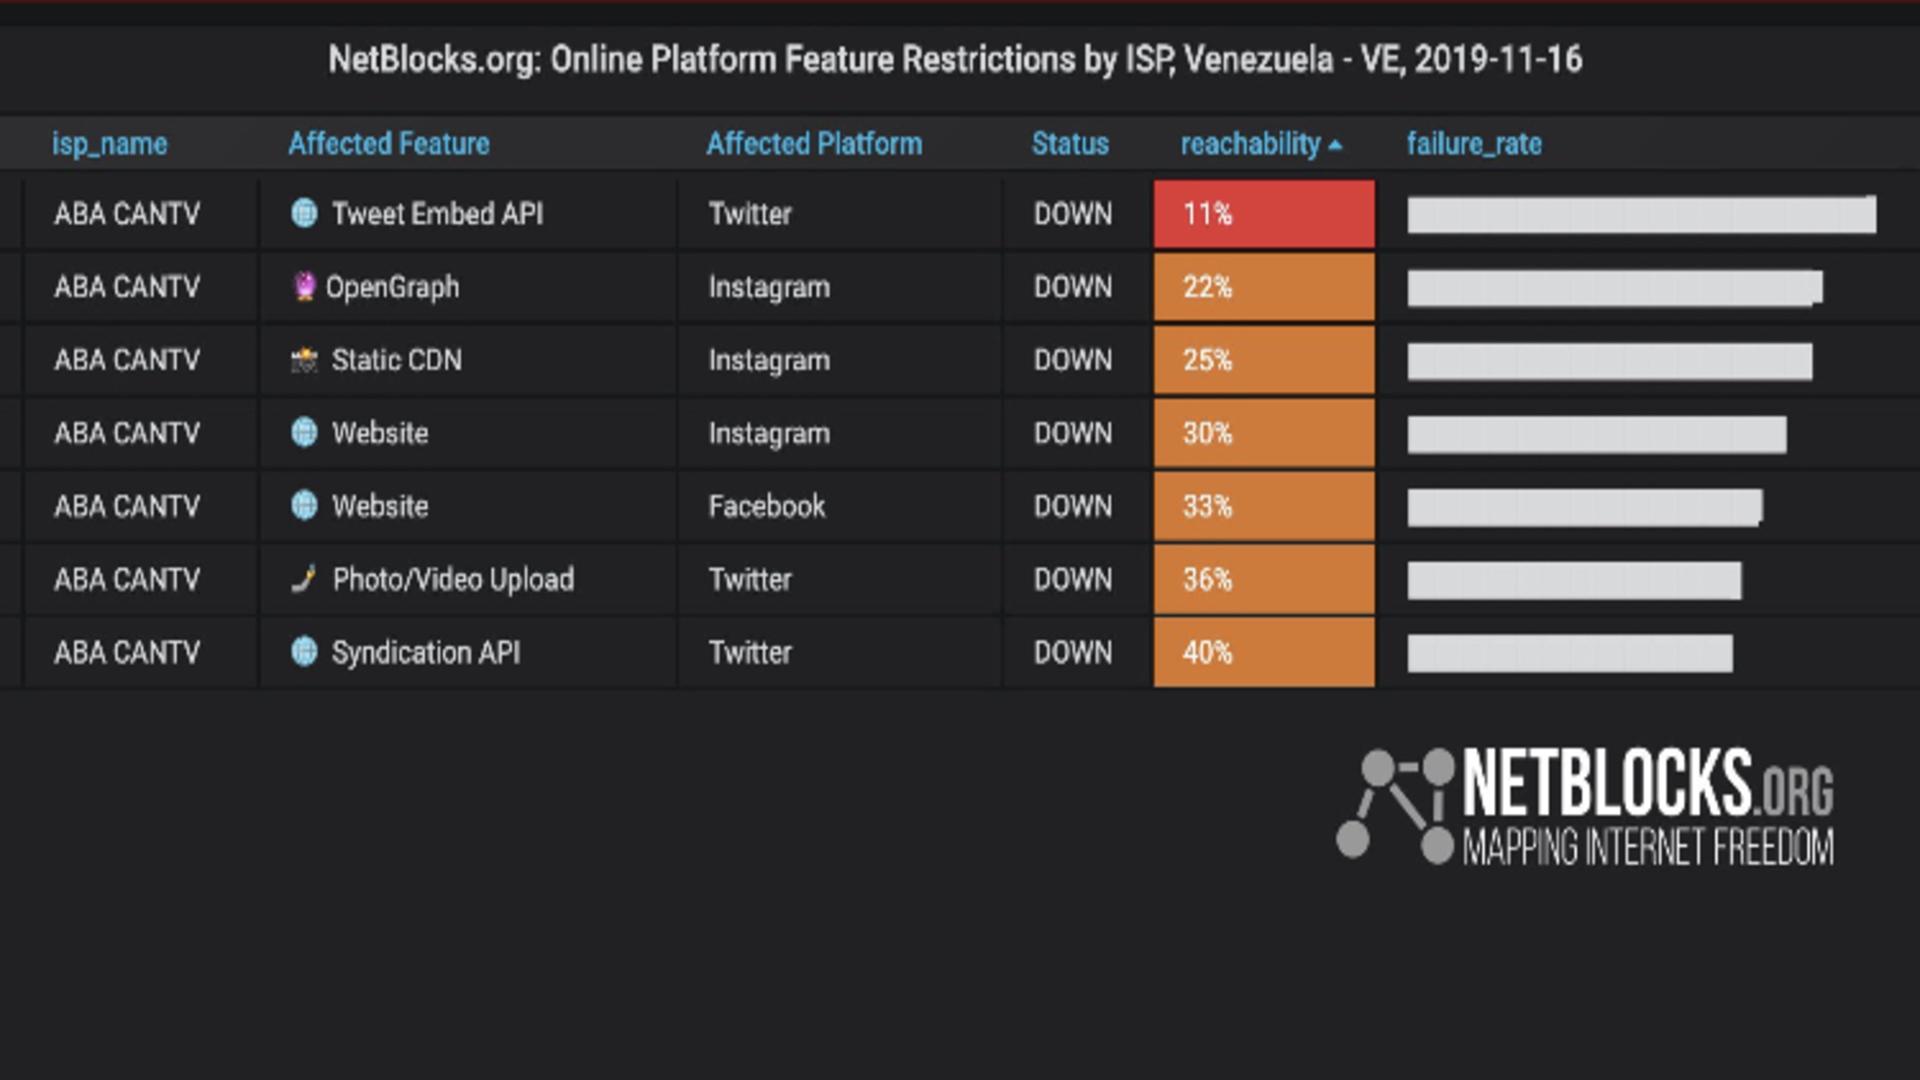 NetBlocks: acceso a Twitter, Facebook e Instagram presenta restricciones este #16N en Venezuela